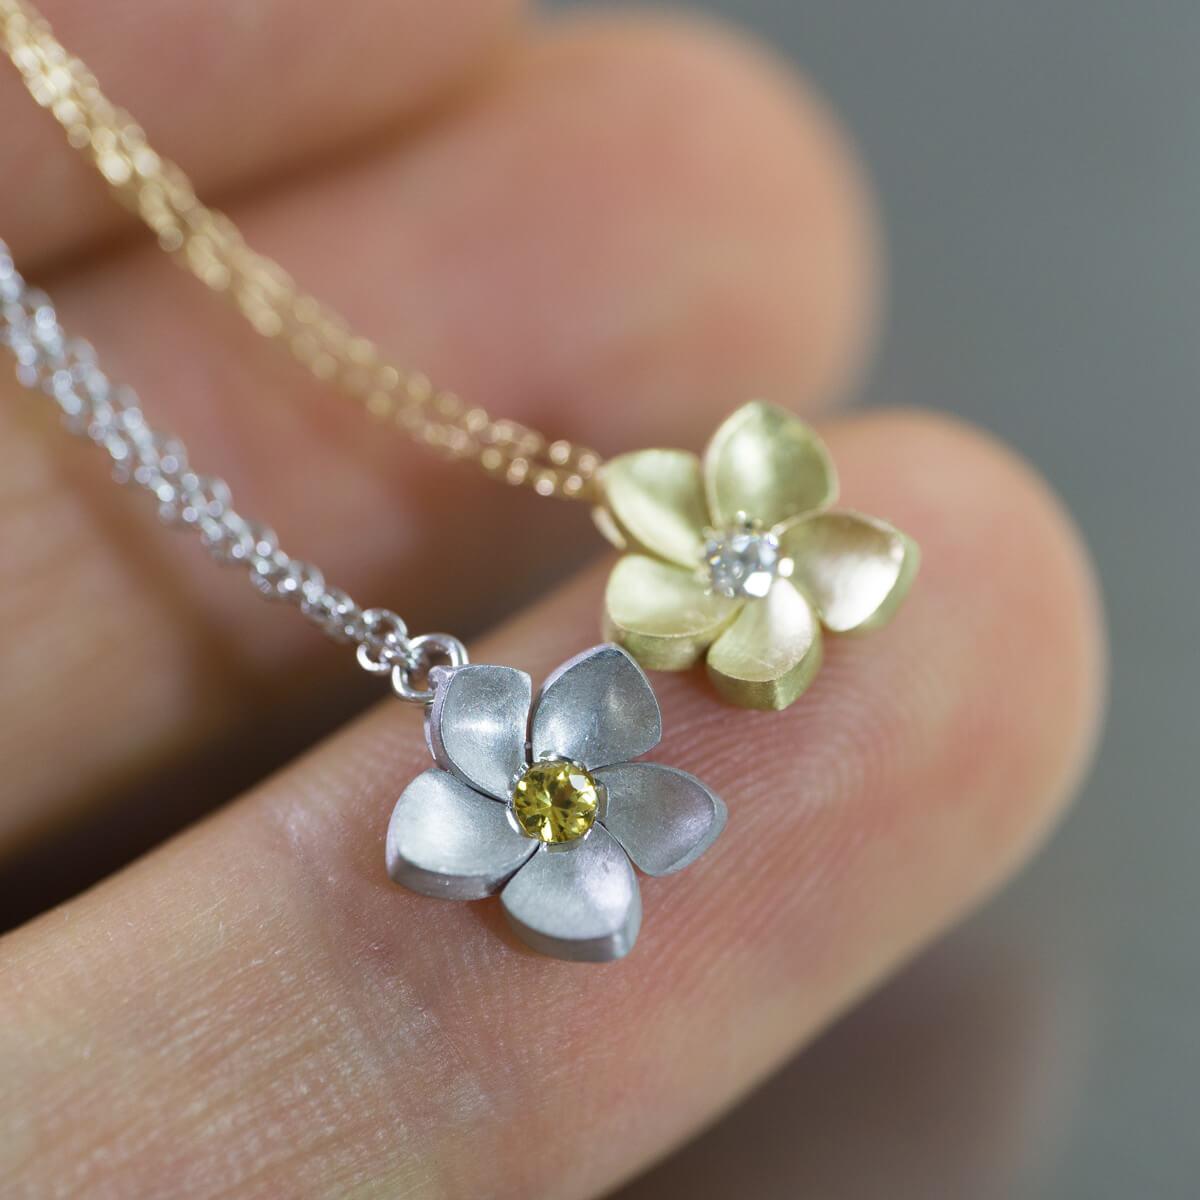 角度3 花のネックレス シルバー、ゴールド、ダイヤモンド、サファイア 屋久島のプルメリア ジュエリーのアトリエ オーダーメイドジュエリー